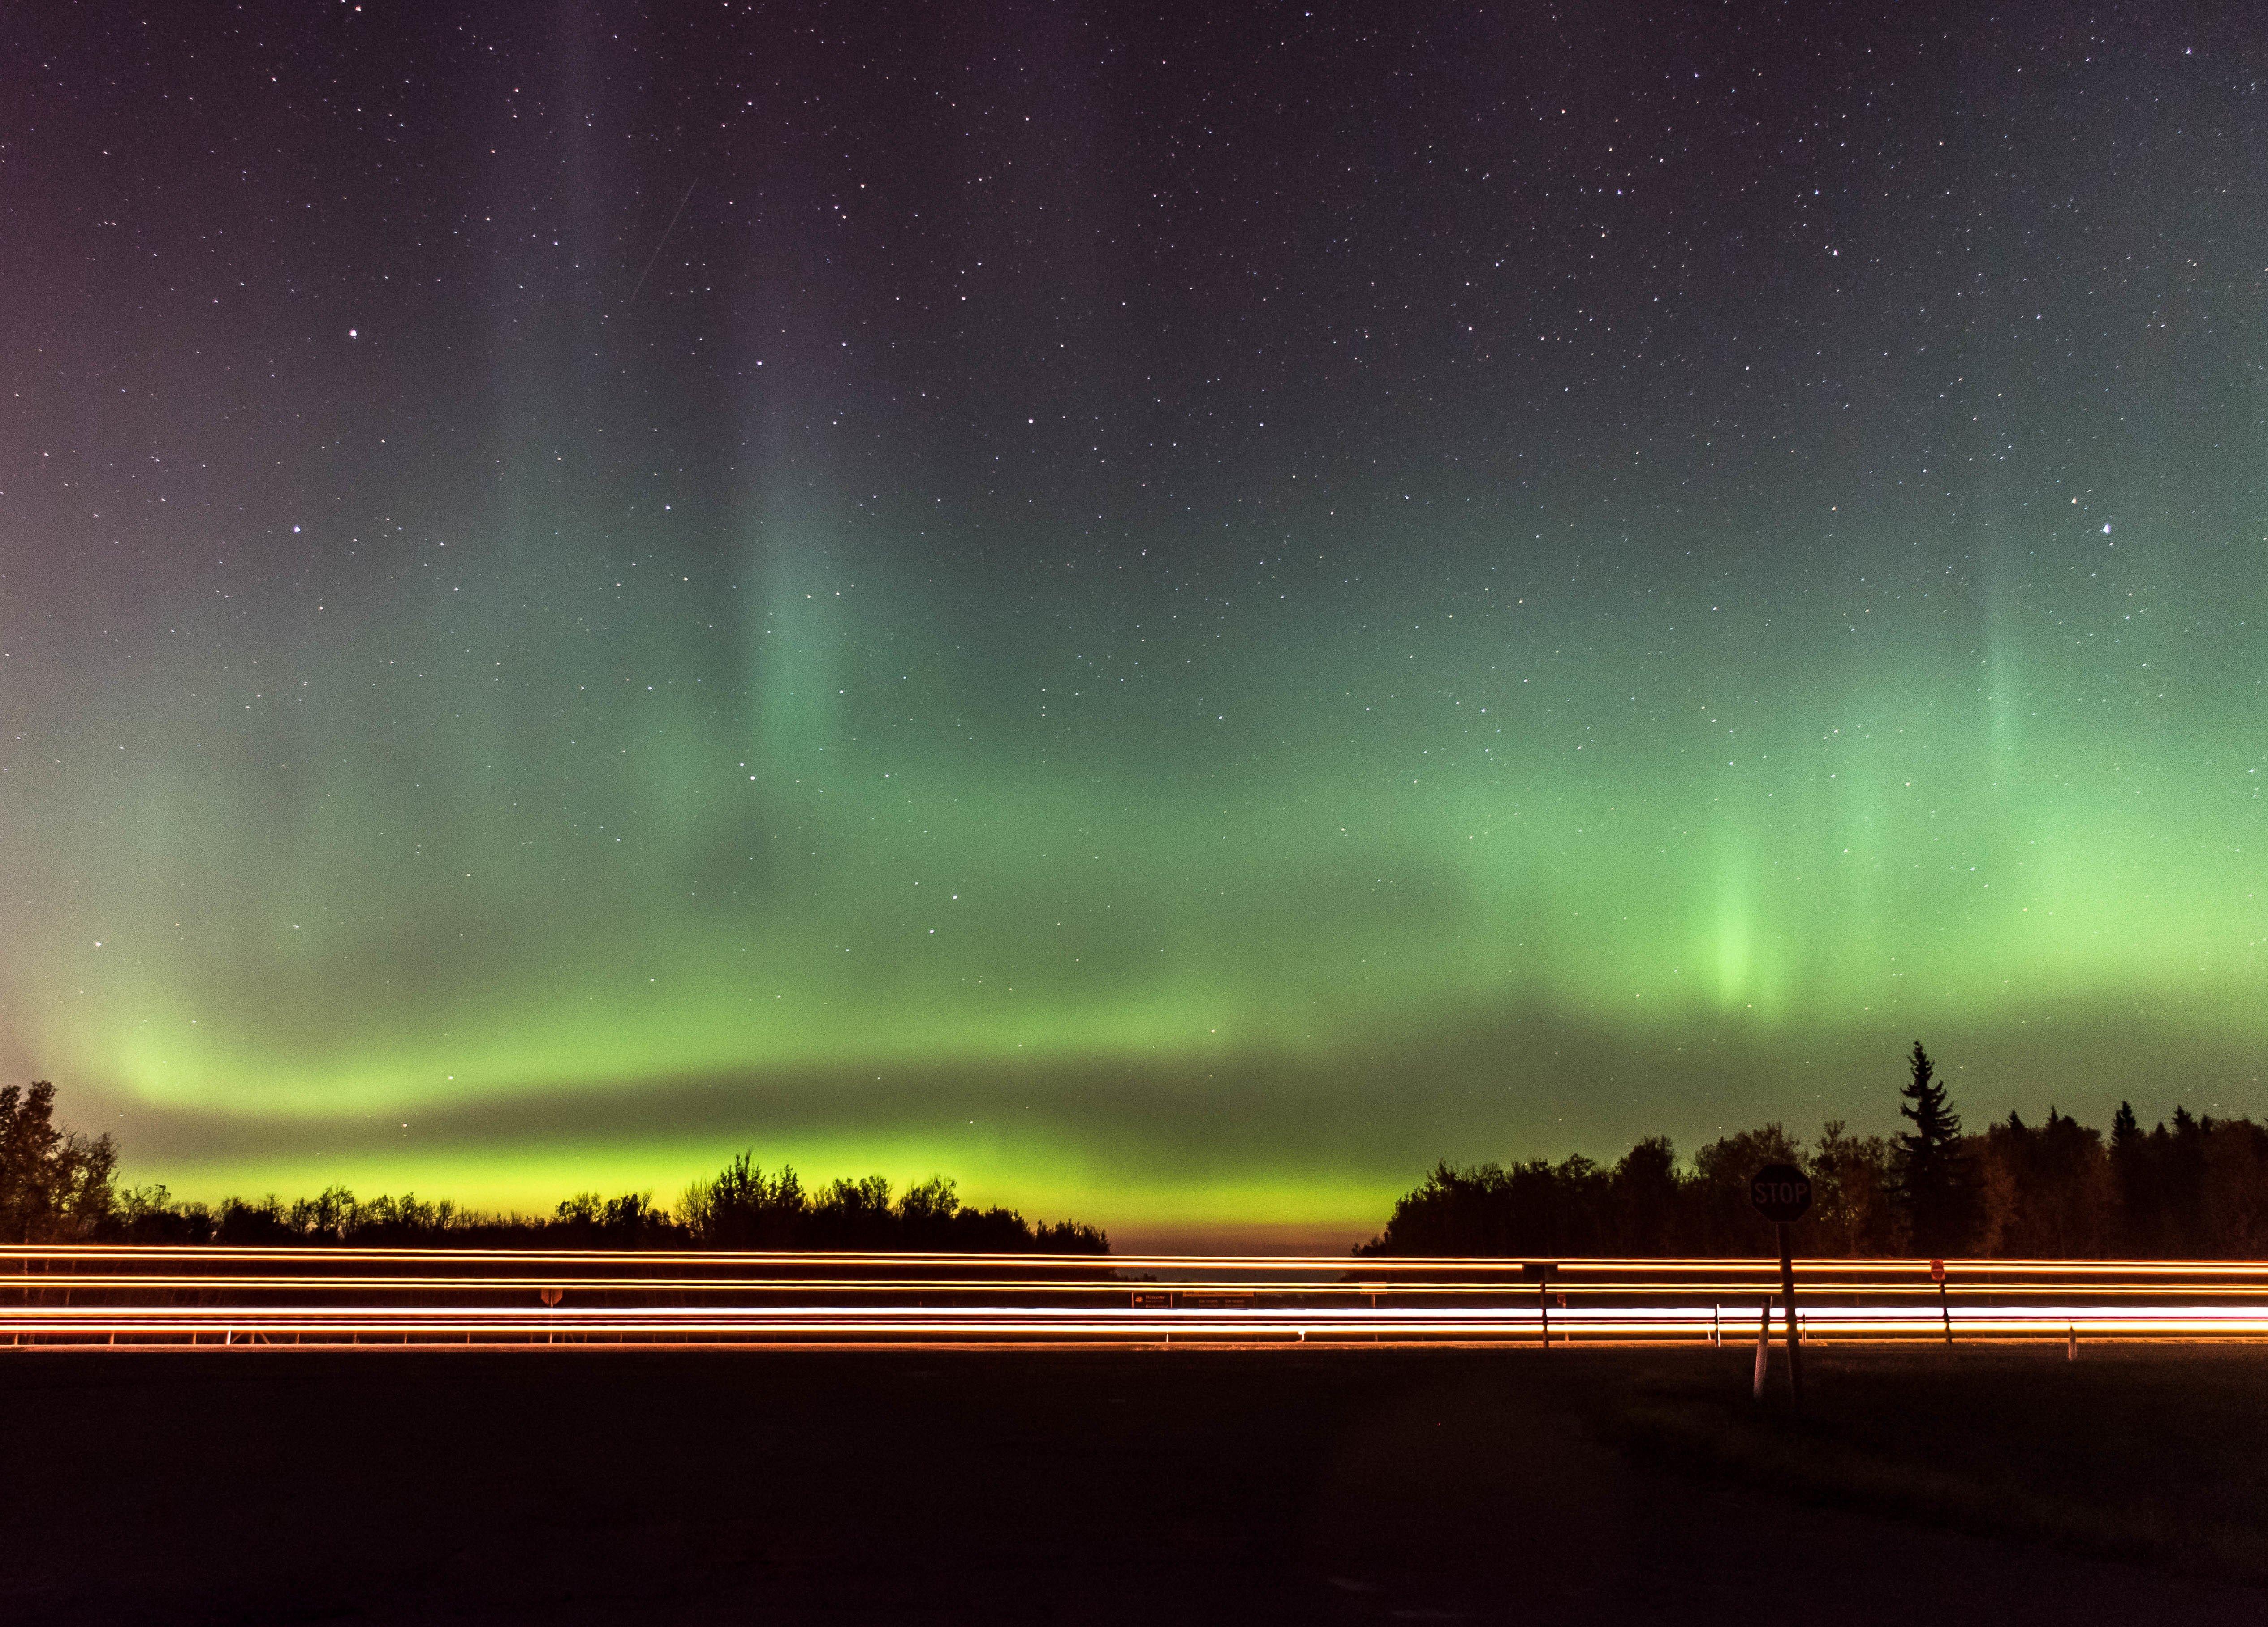 aurora by the highway